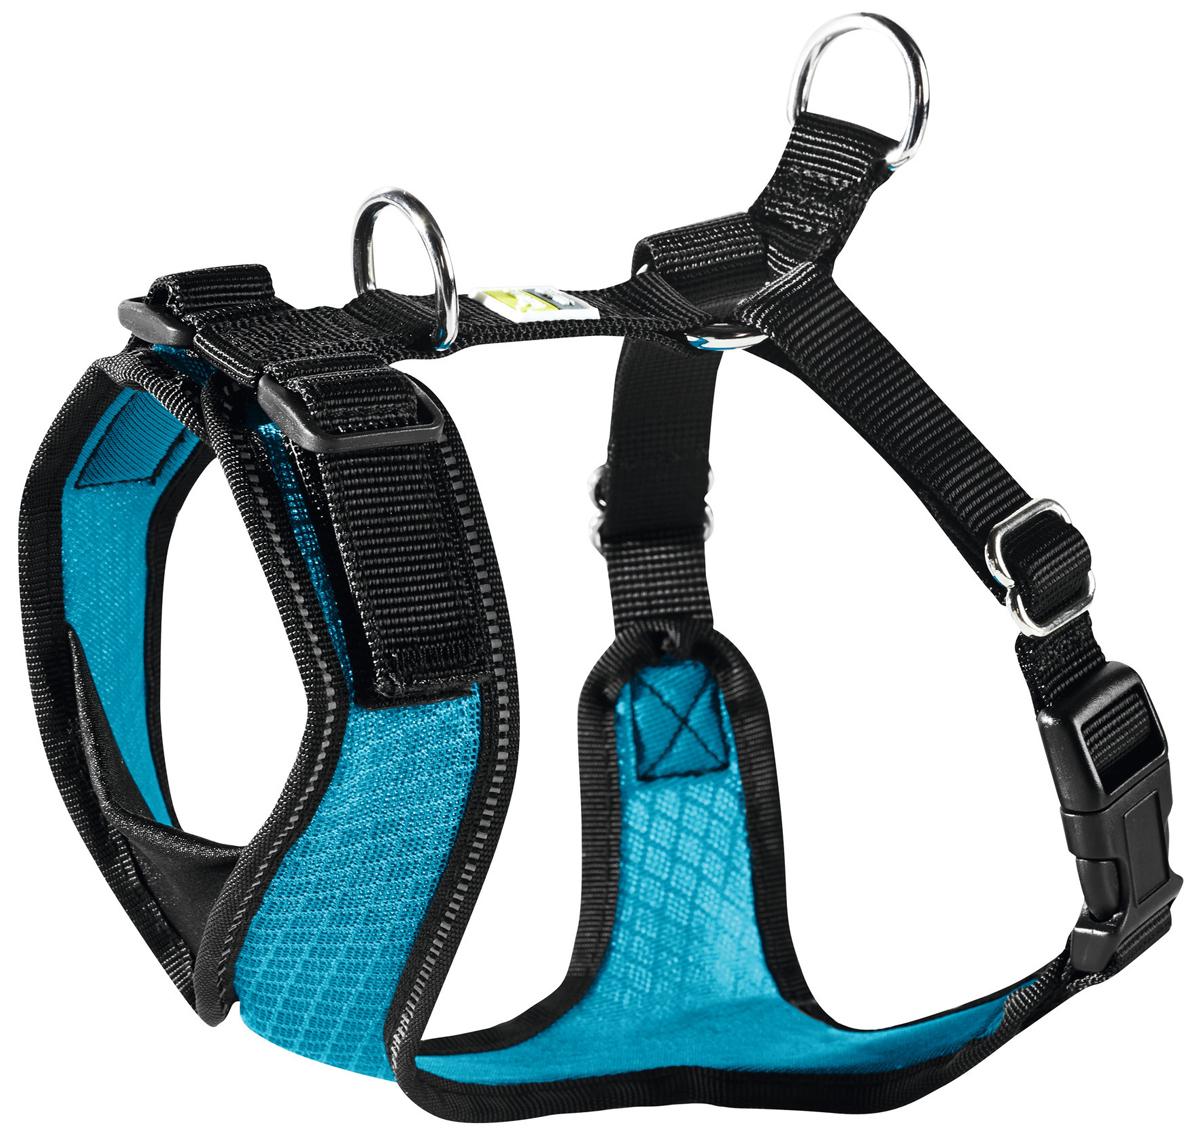 Шлейка для собак Hunter Manoa M нейлон сетчатый текстиль голубая 44 - 55 см (1 шт)